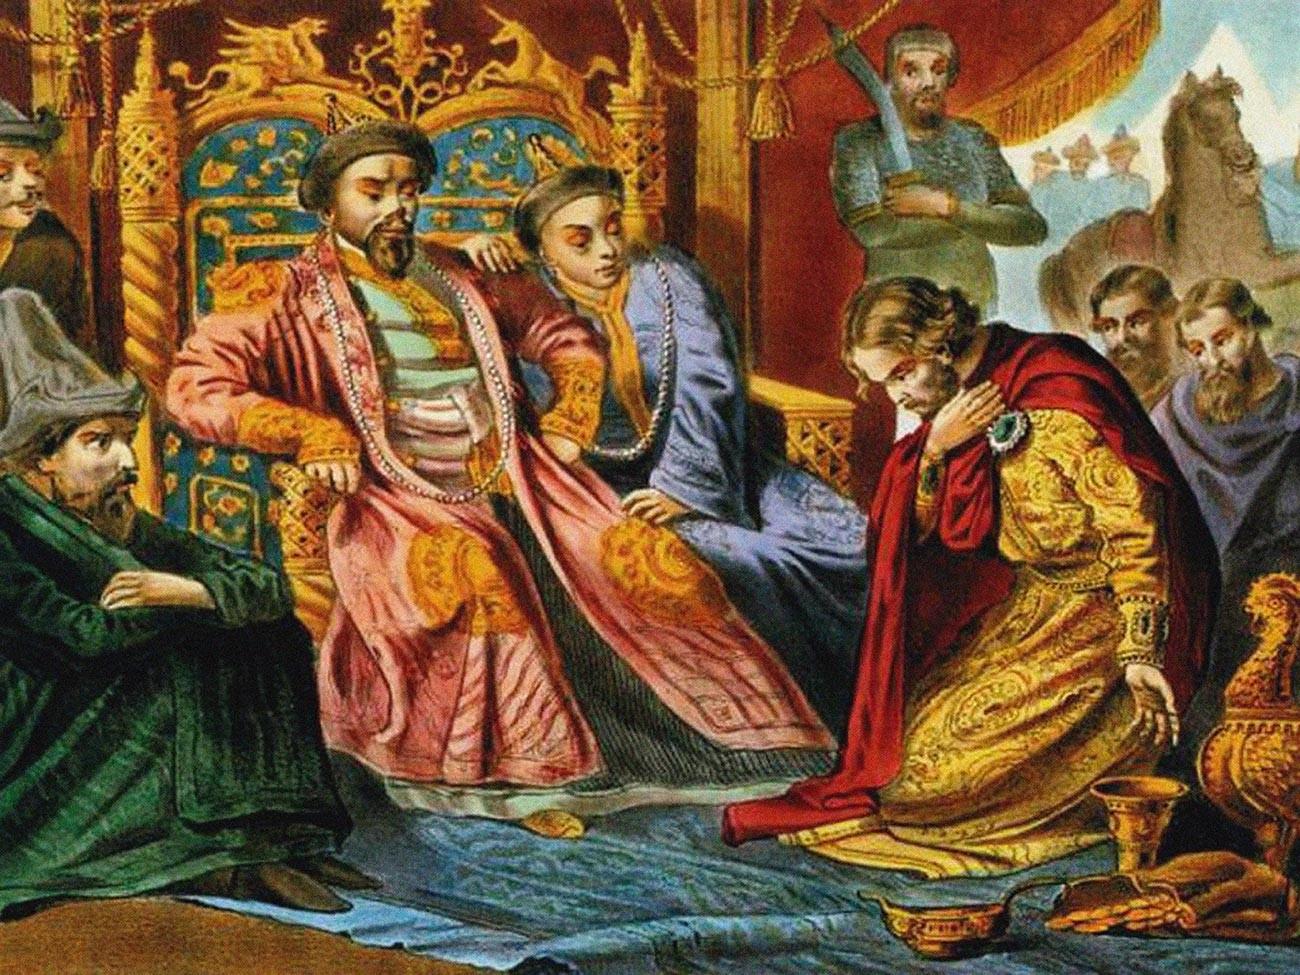 Knez Aleksander Nevski prosi Batu kana za milost do Rusije, slika s konca 19. stoletja, najdena v zbirki Ruske državne knjižnice v Moskvi